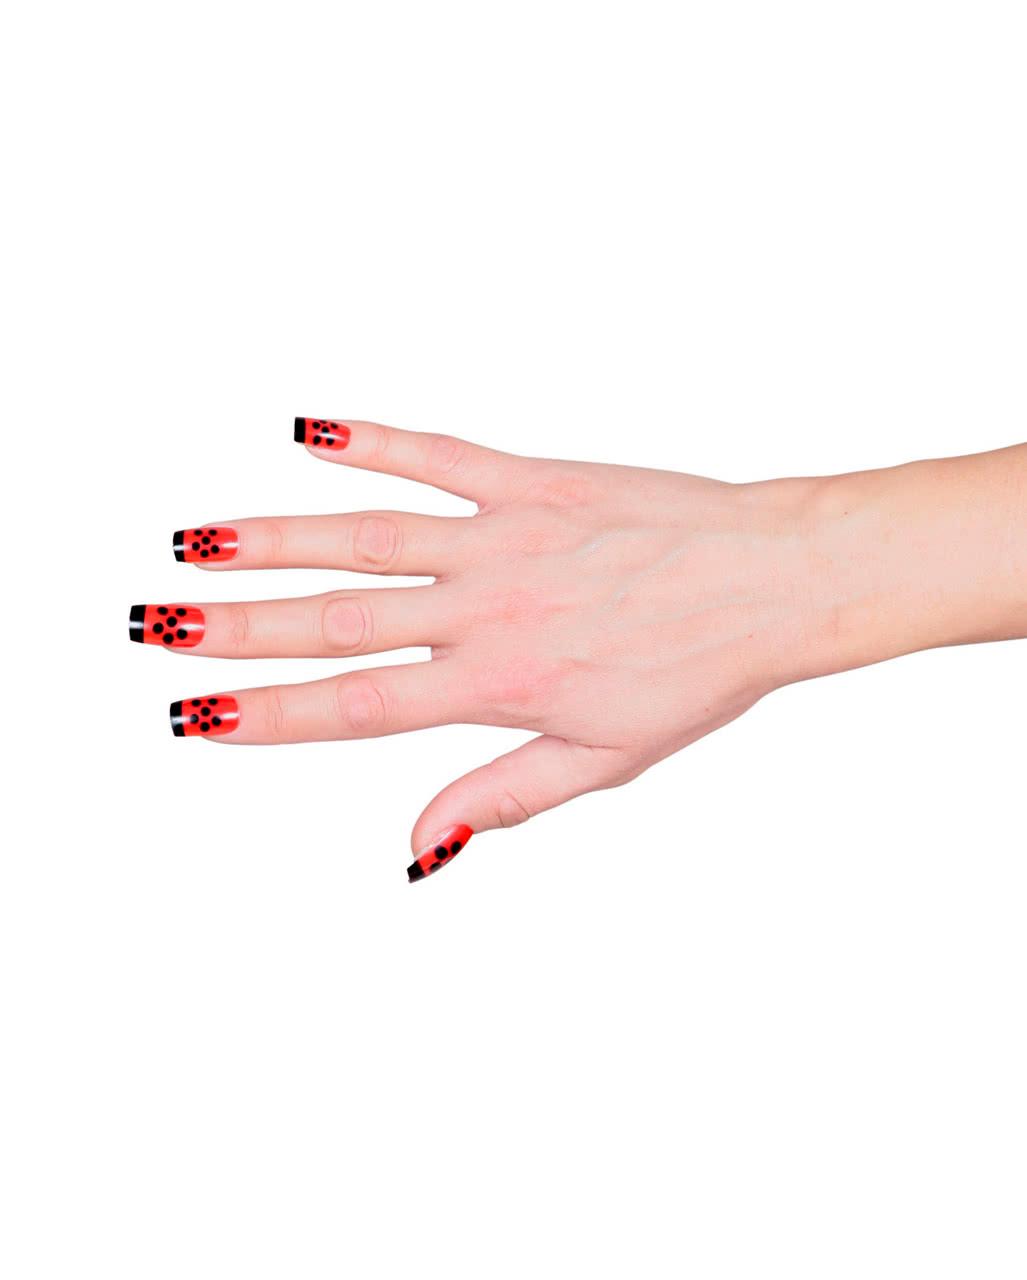 fingernails set ladybug as a costume accessory horror. Black Bedroom Furniture Sets. Home Design Ideas